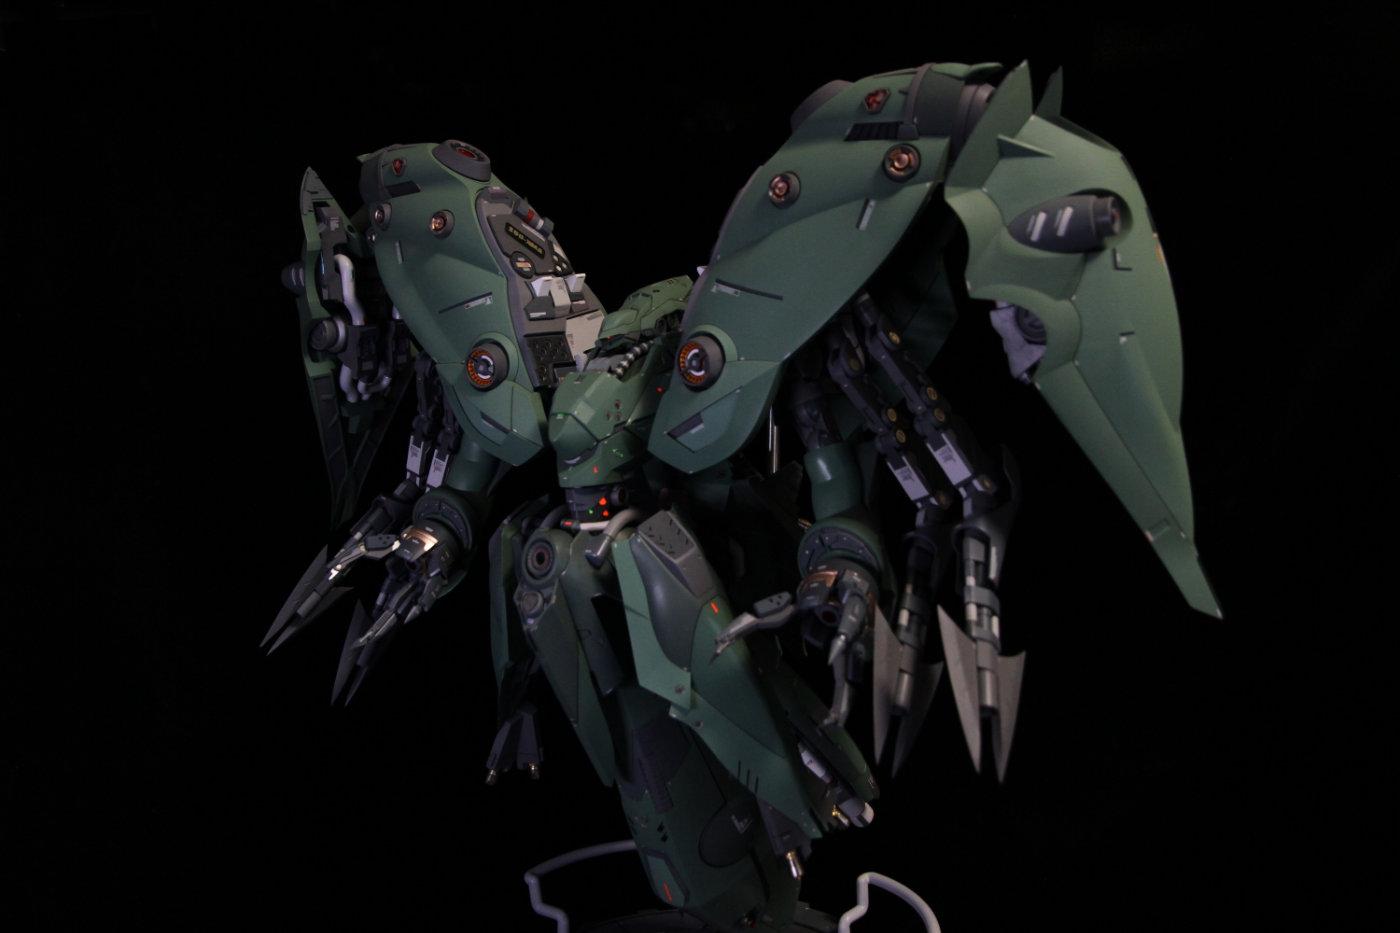 G330_AMX_002_Neue_Ziel_p_004.jpg